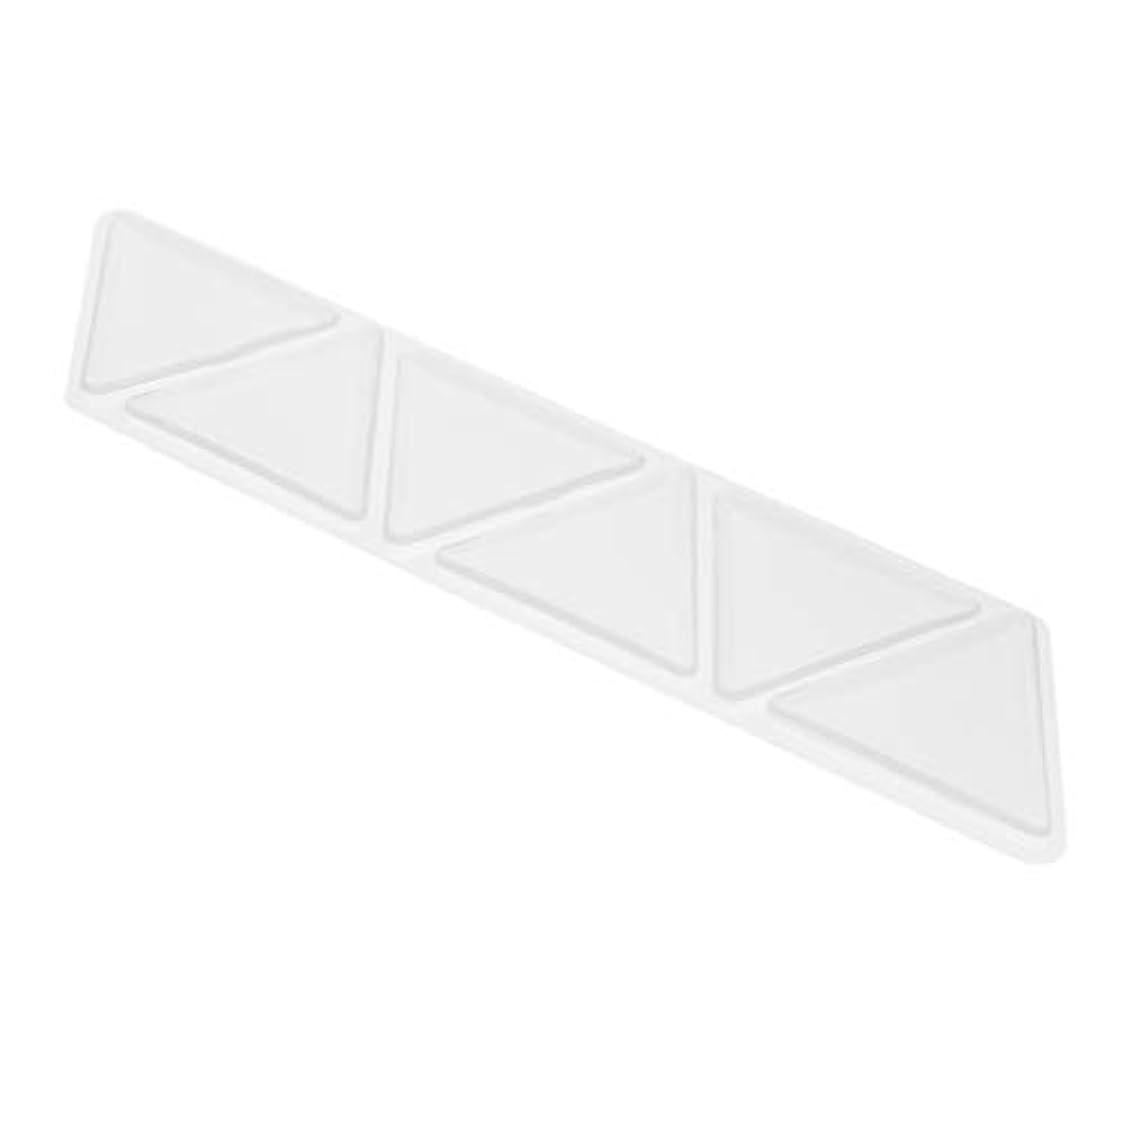 熟考する置換属性シリコーン アンチリンクル 額 パッド パッチスキンケア 三角パッド 6個セット